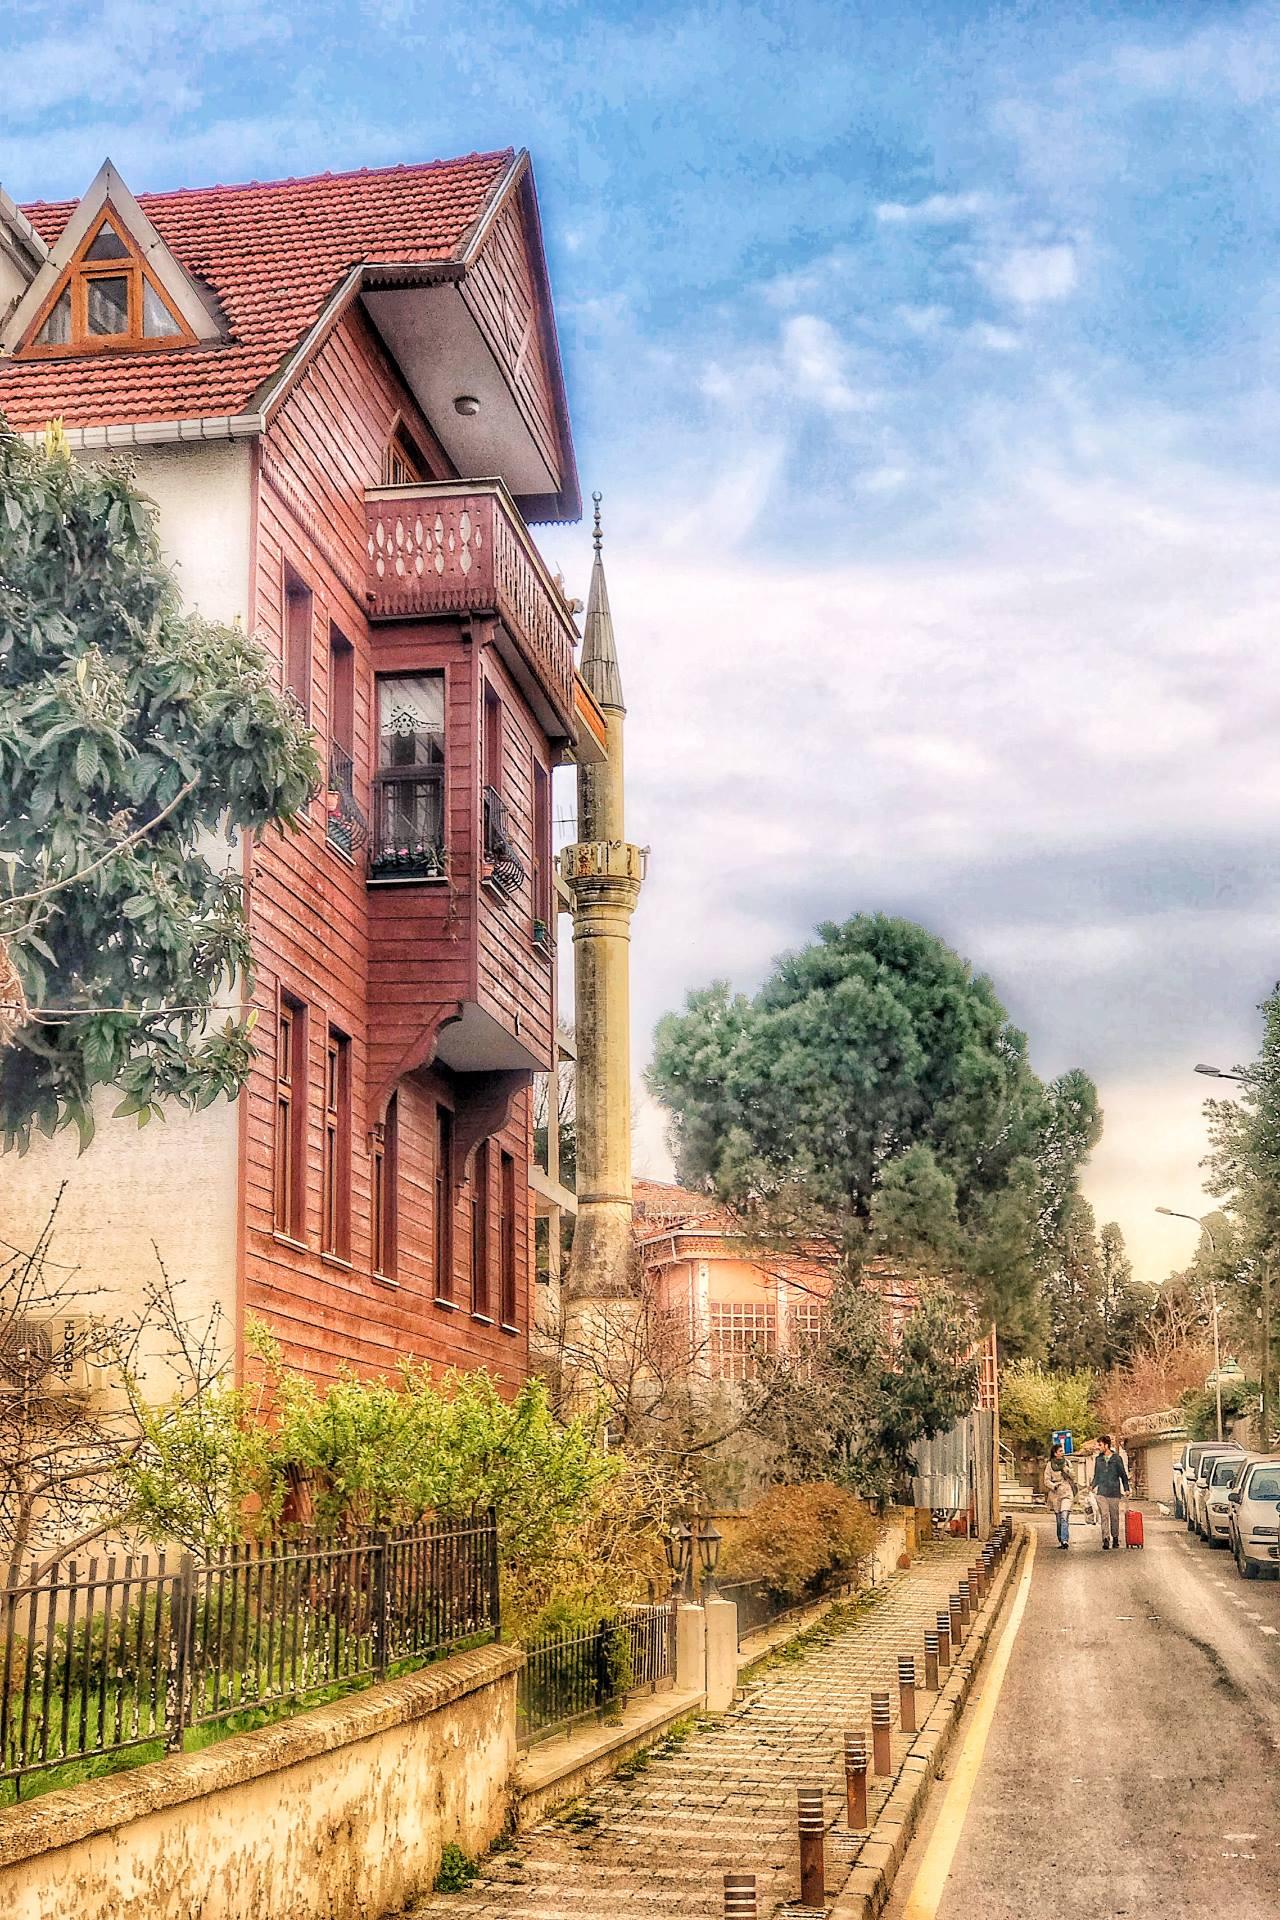 Ahşap evlerin sıcaklığı ve mahalle havası